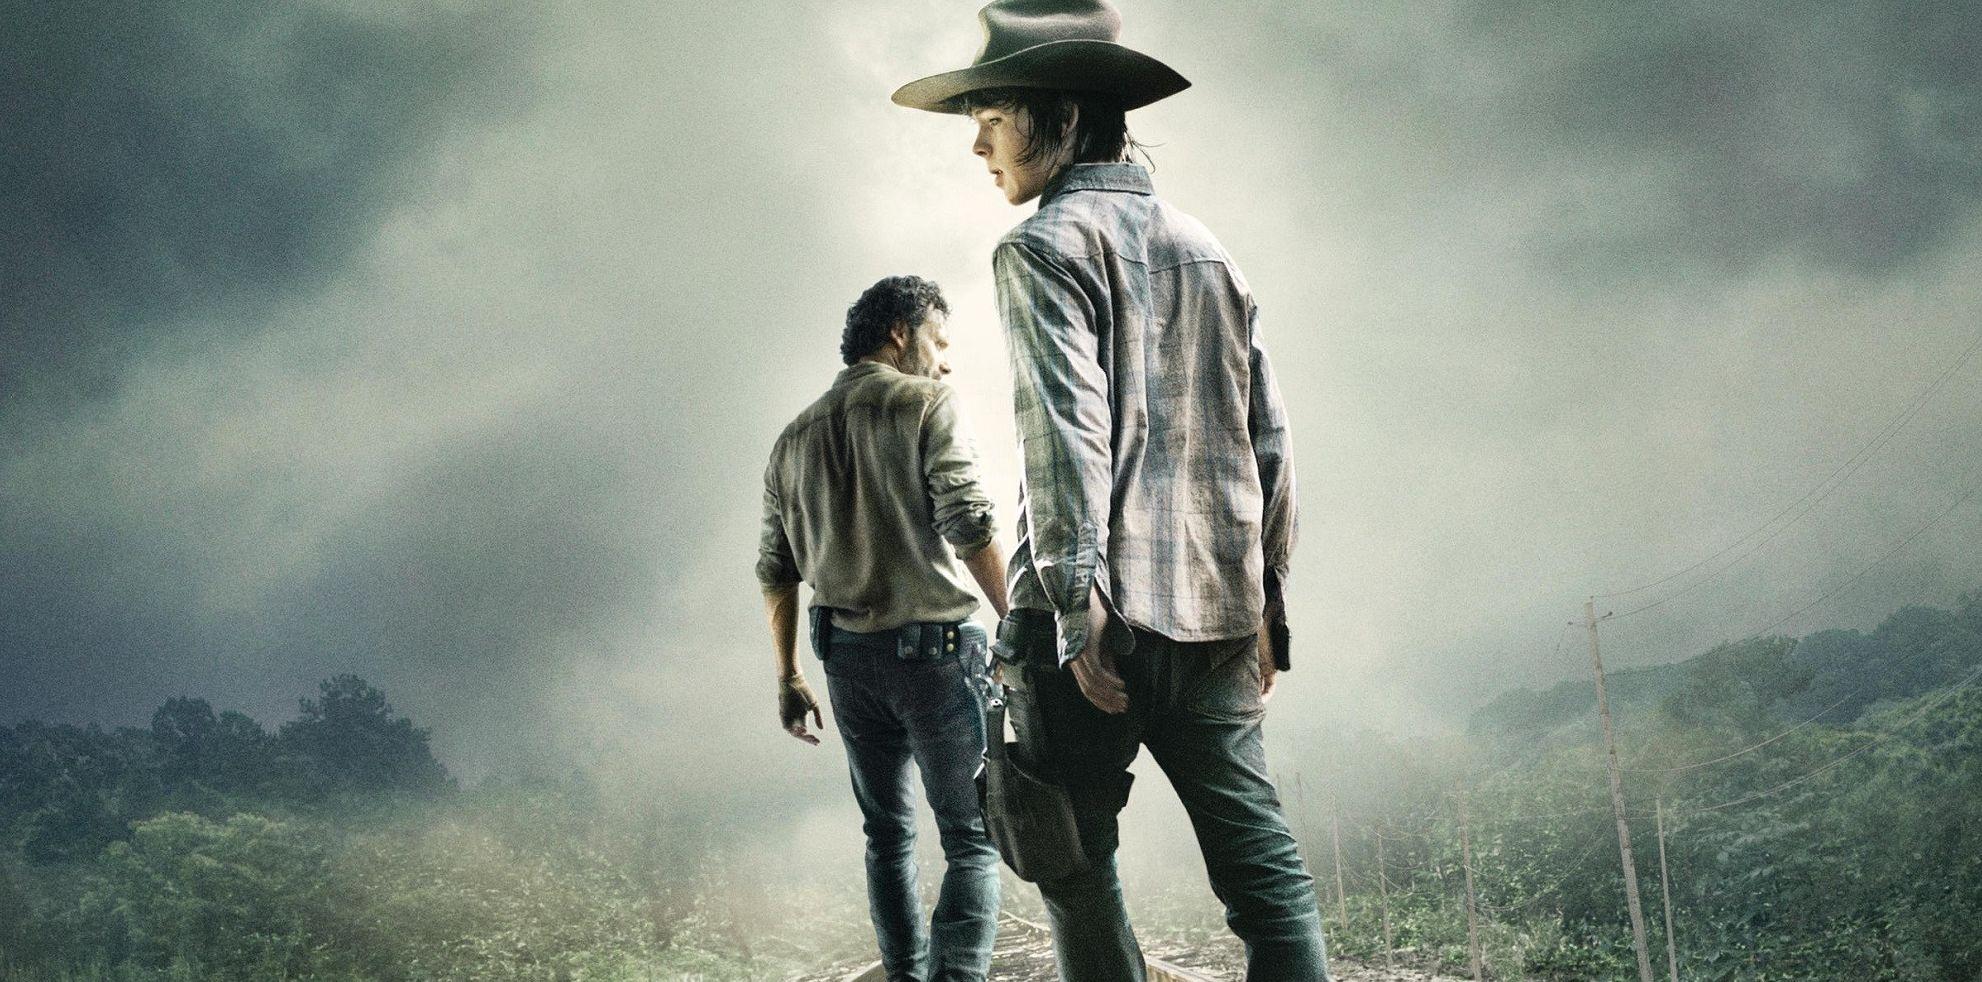 Rick and Carl, season 4